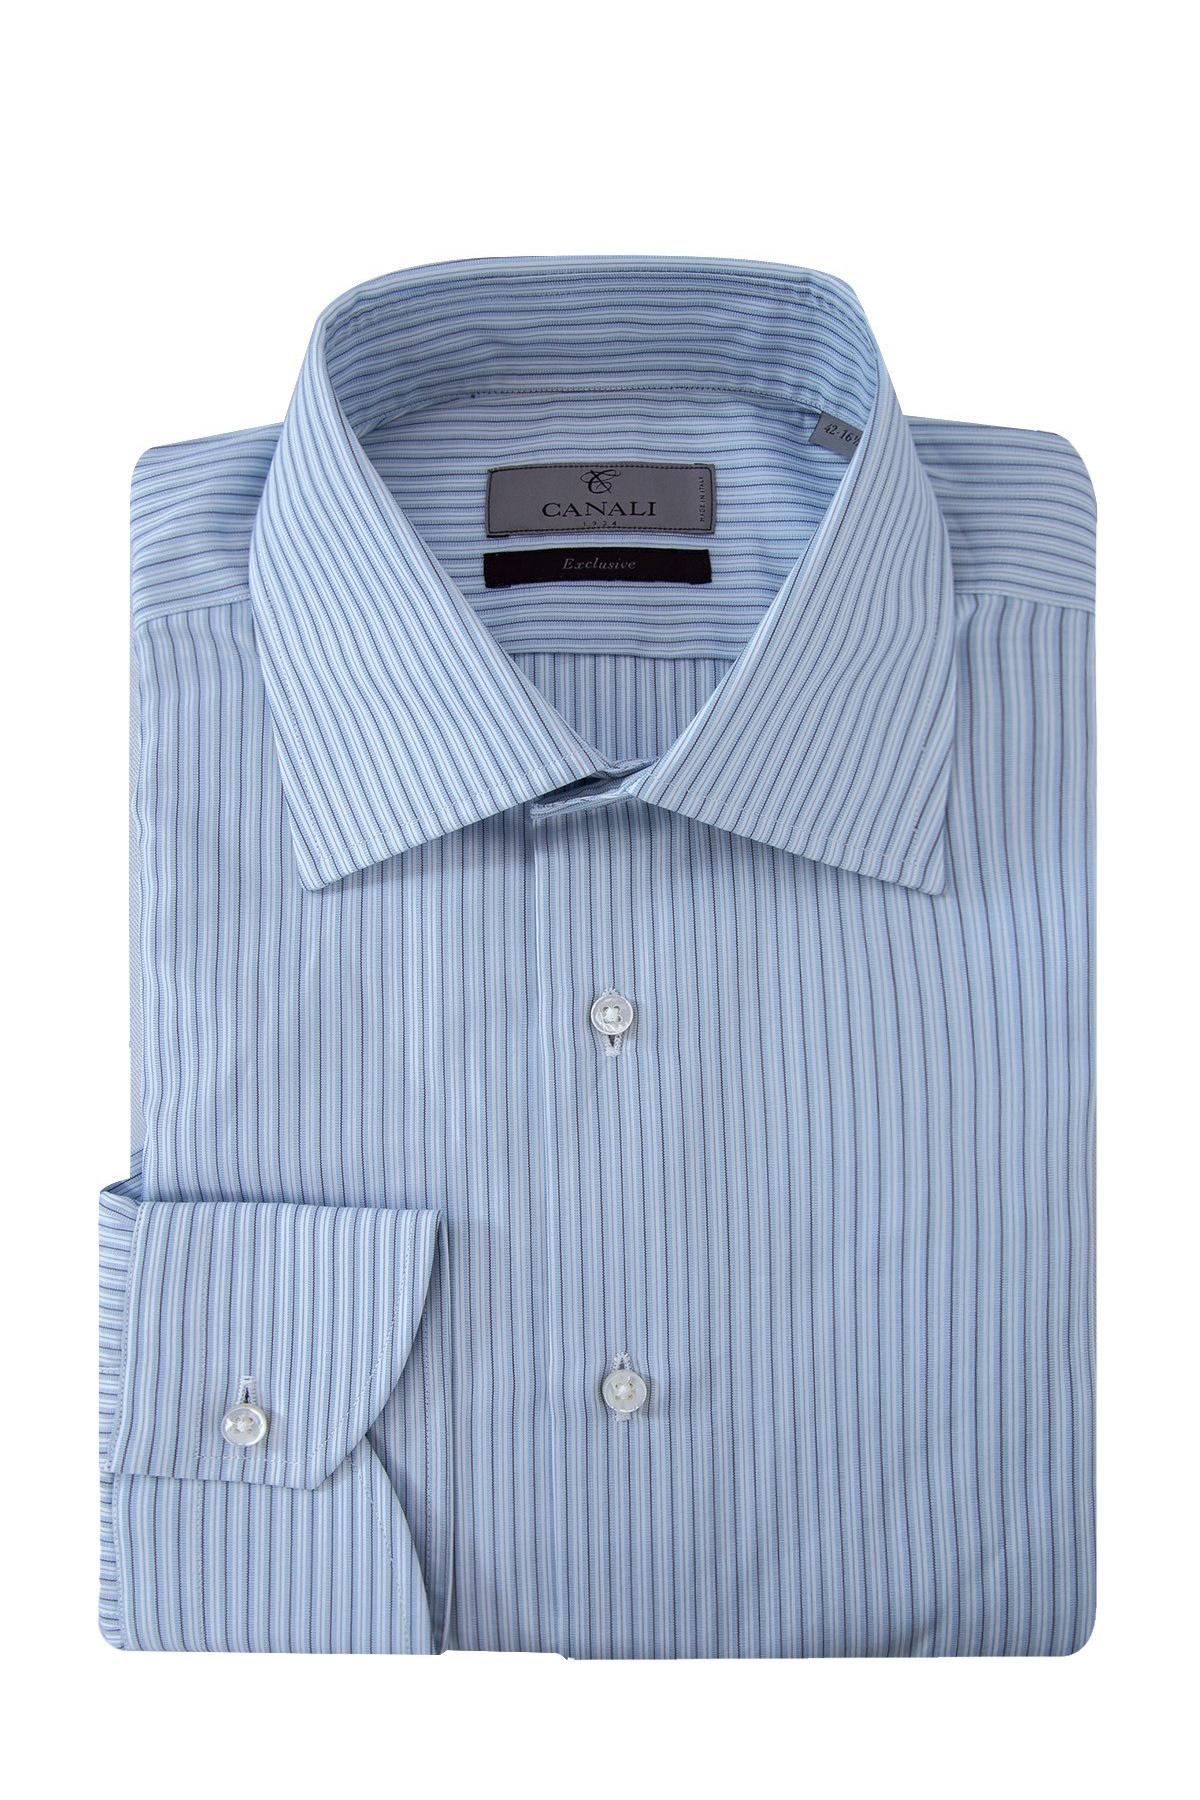 Купить Рубашка, CANALI, Италия, 100% хлопок